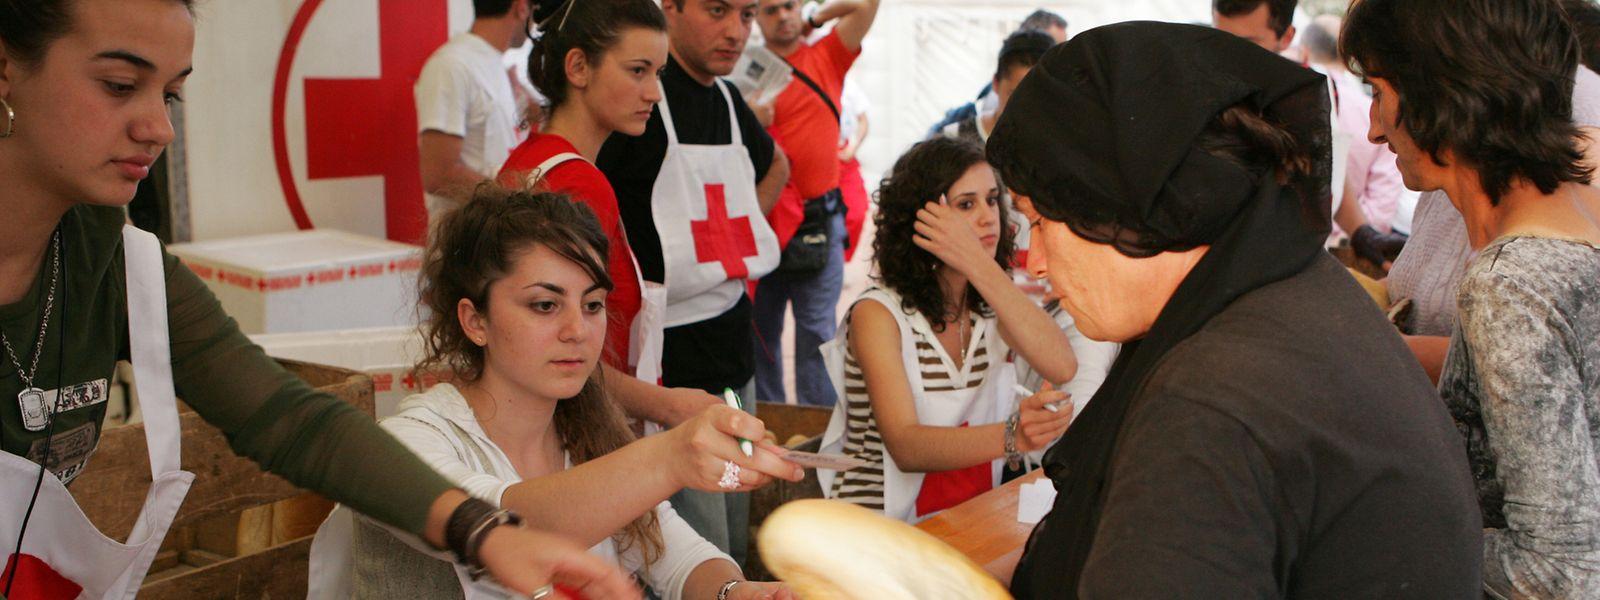 Des lieux spécifiquement prévus pour les personnes sans domicile fixe ont été agencés par des organismes comme la Croix-Rouge.